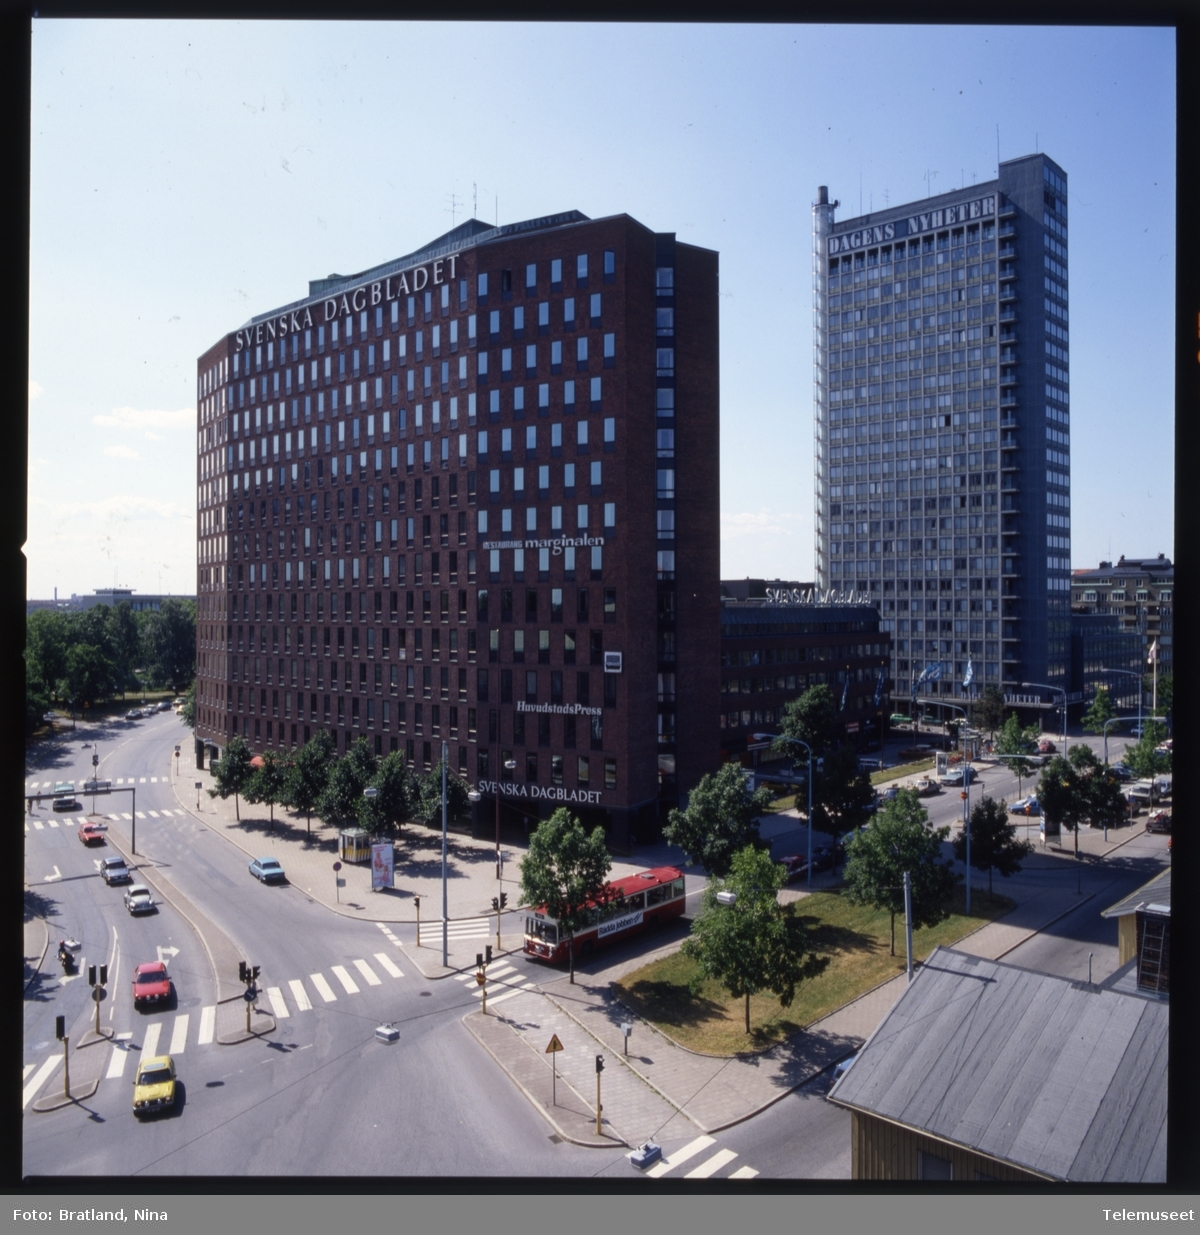 Bygning Norsk Data Svenska Dagbladet